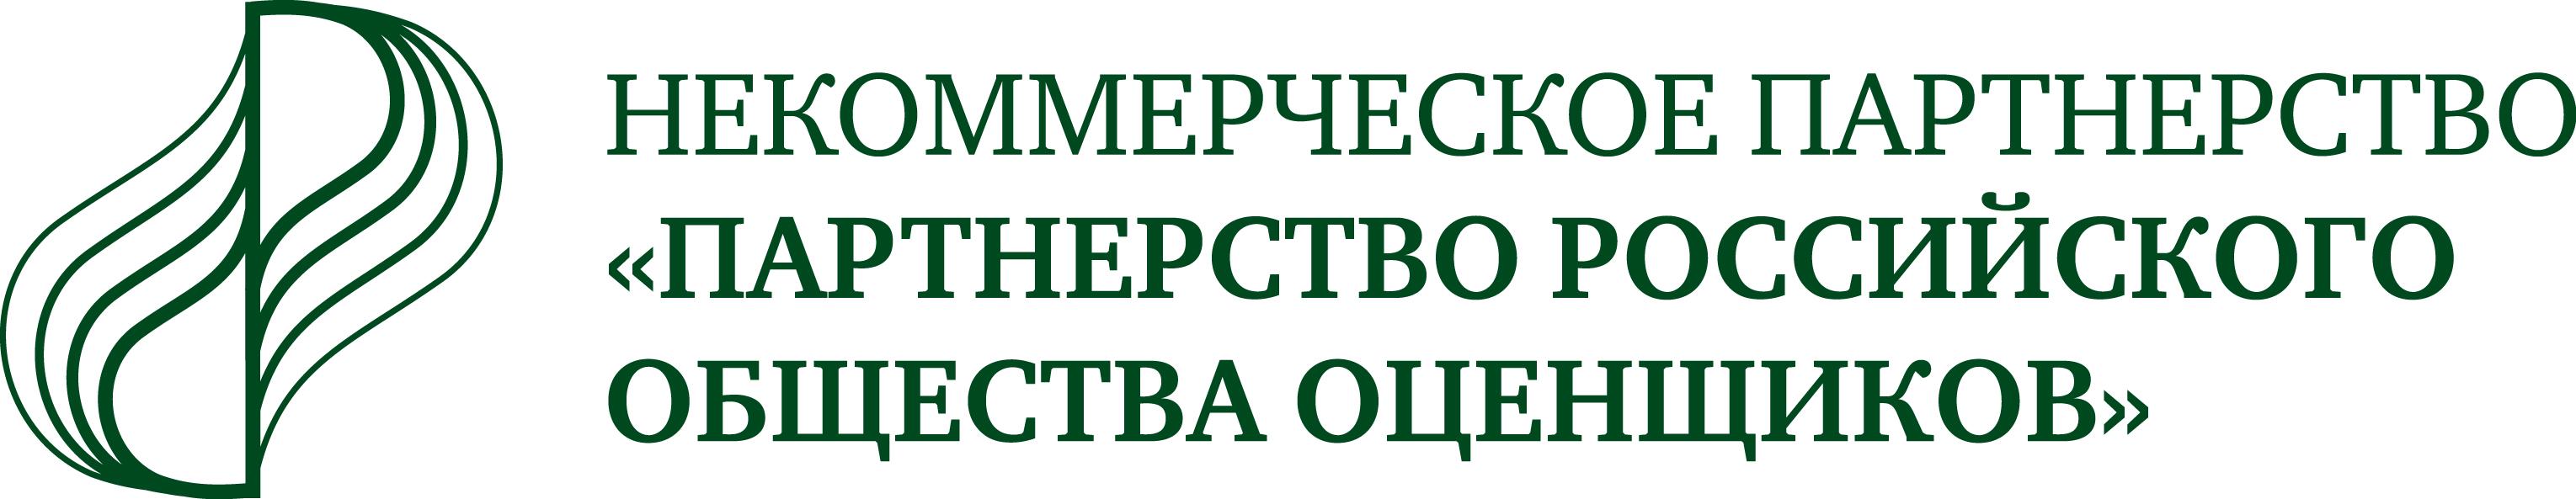 Некоммерческое партнерство «Партнерство содействия деятельности фирм, аккредитованных Российским обществом оценщиков» («Партнерство РОО»)